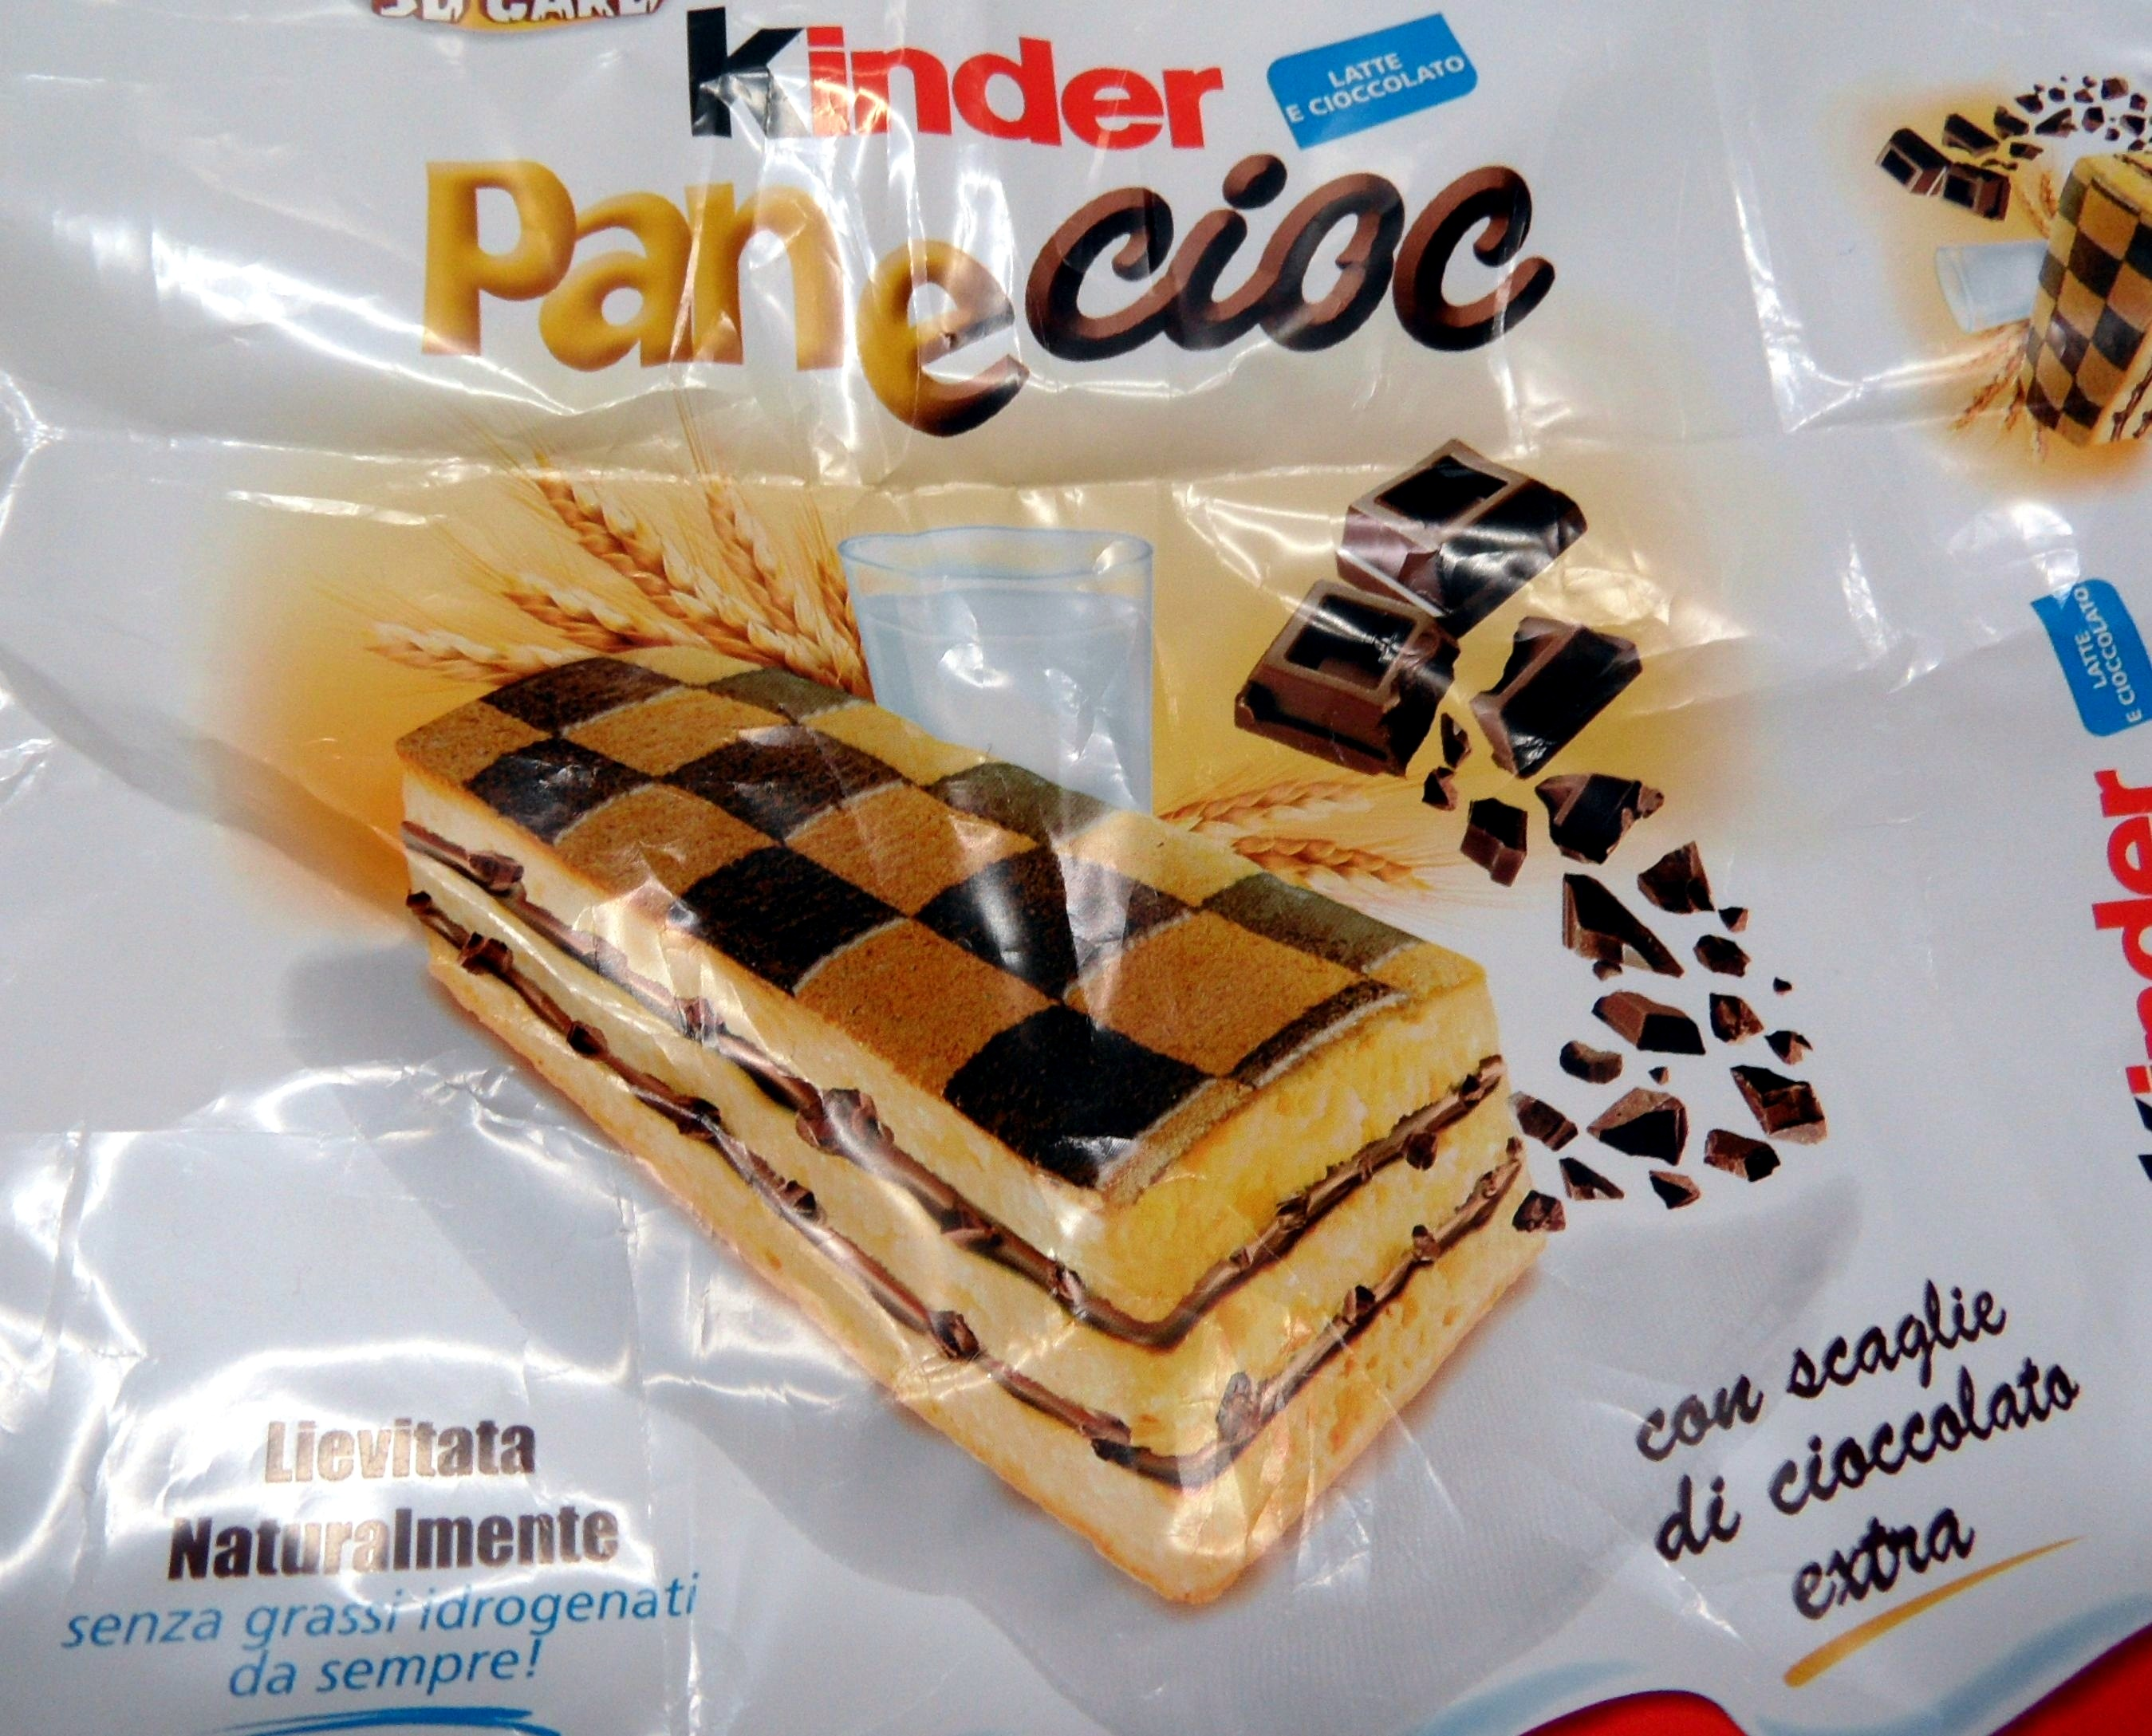 Pan e cioc Kinder FERRERO con scaglie di cioccolata extra - Product